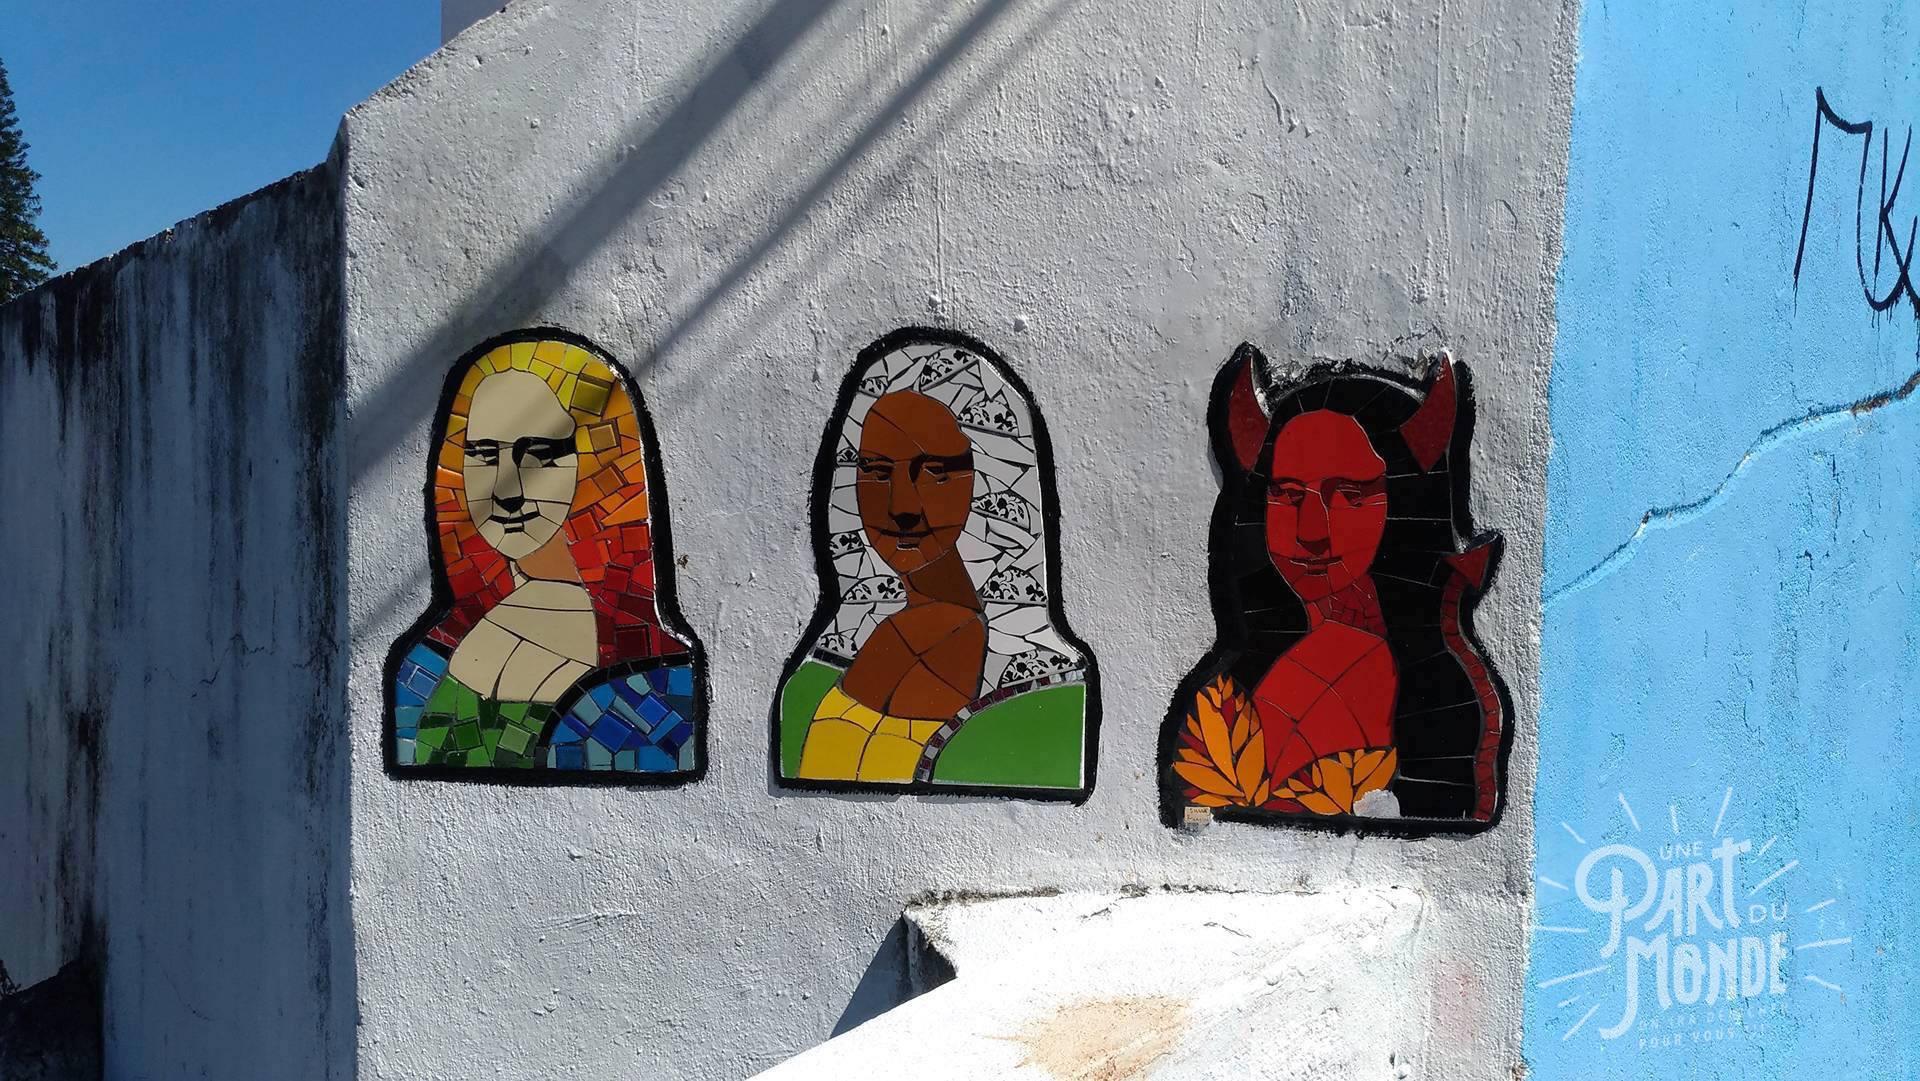 Conseils et bonnes adresses à rio de janeiro street art1